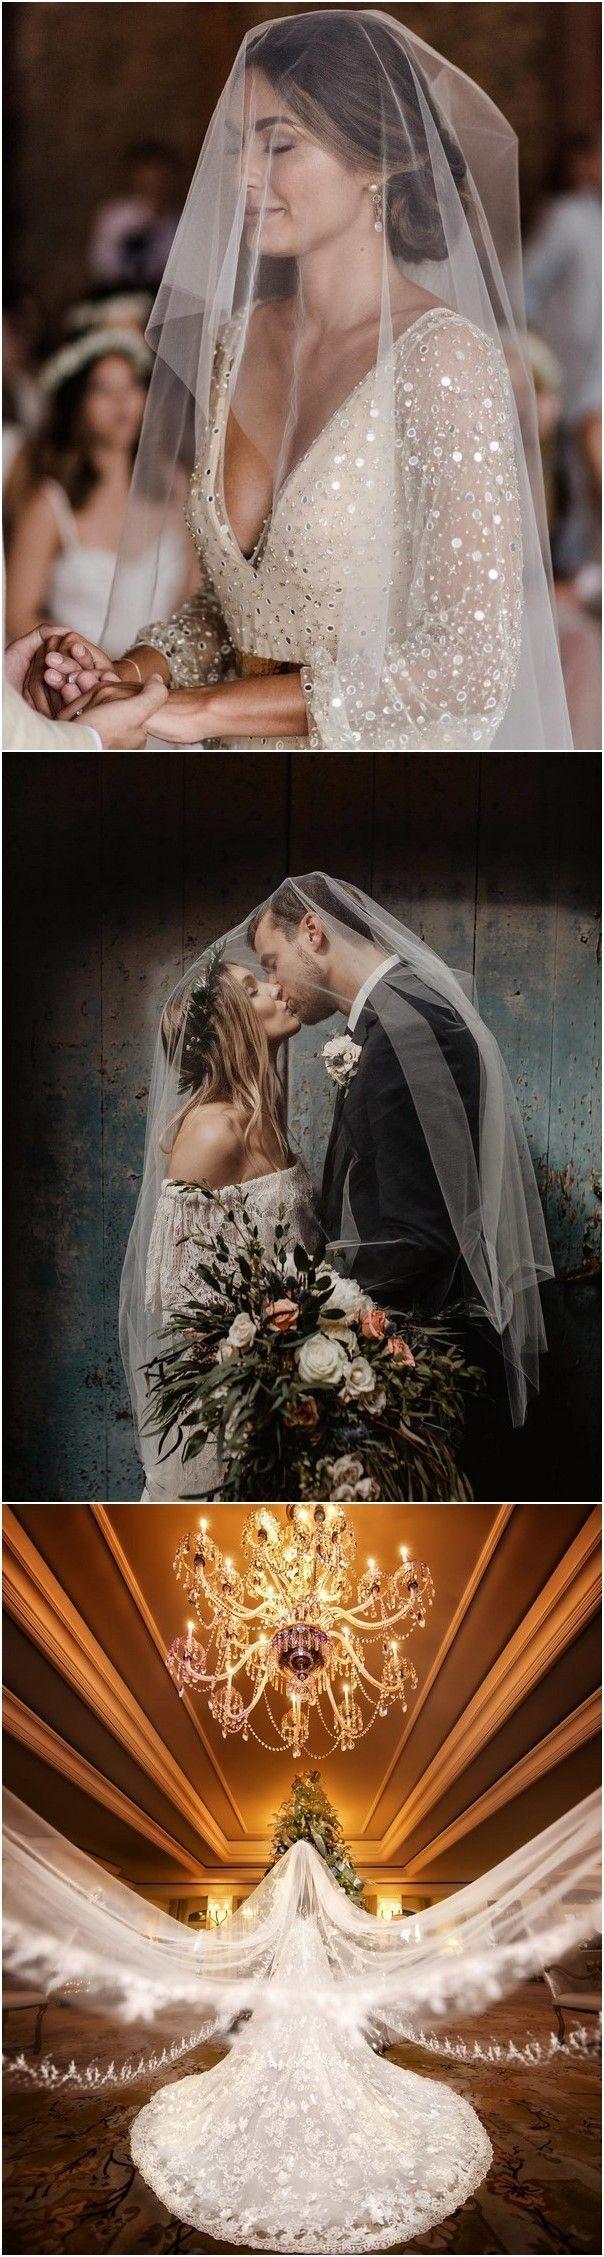 18 idee per foto di matrimoni romantici da portare con il tuo velo da sposa!